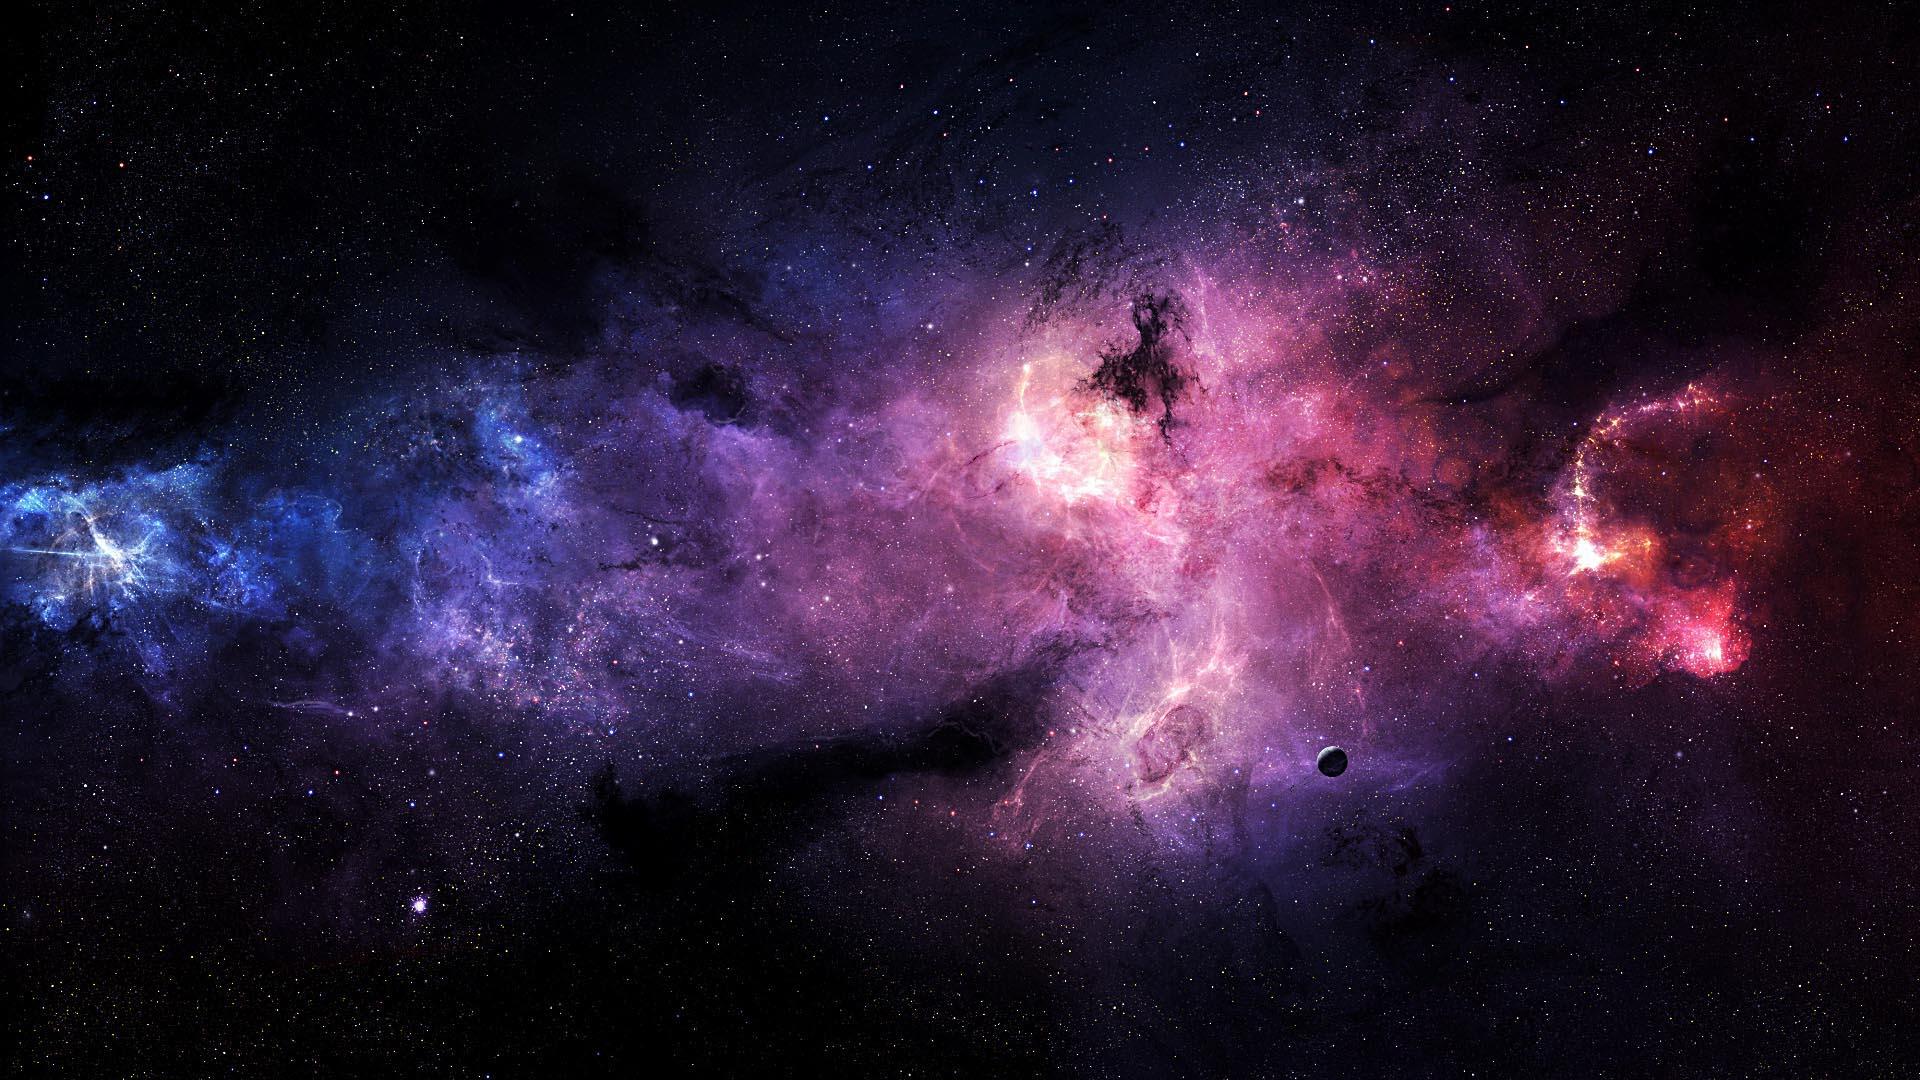 Stars Galaxies Purple HD Wallpaper FullHDWpp   Full HD Wallpapers 1920x1080